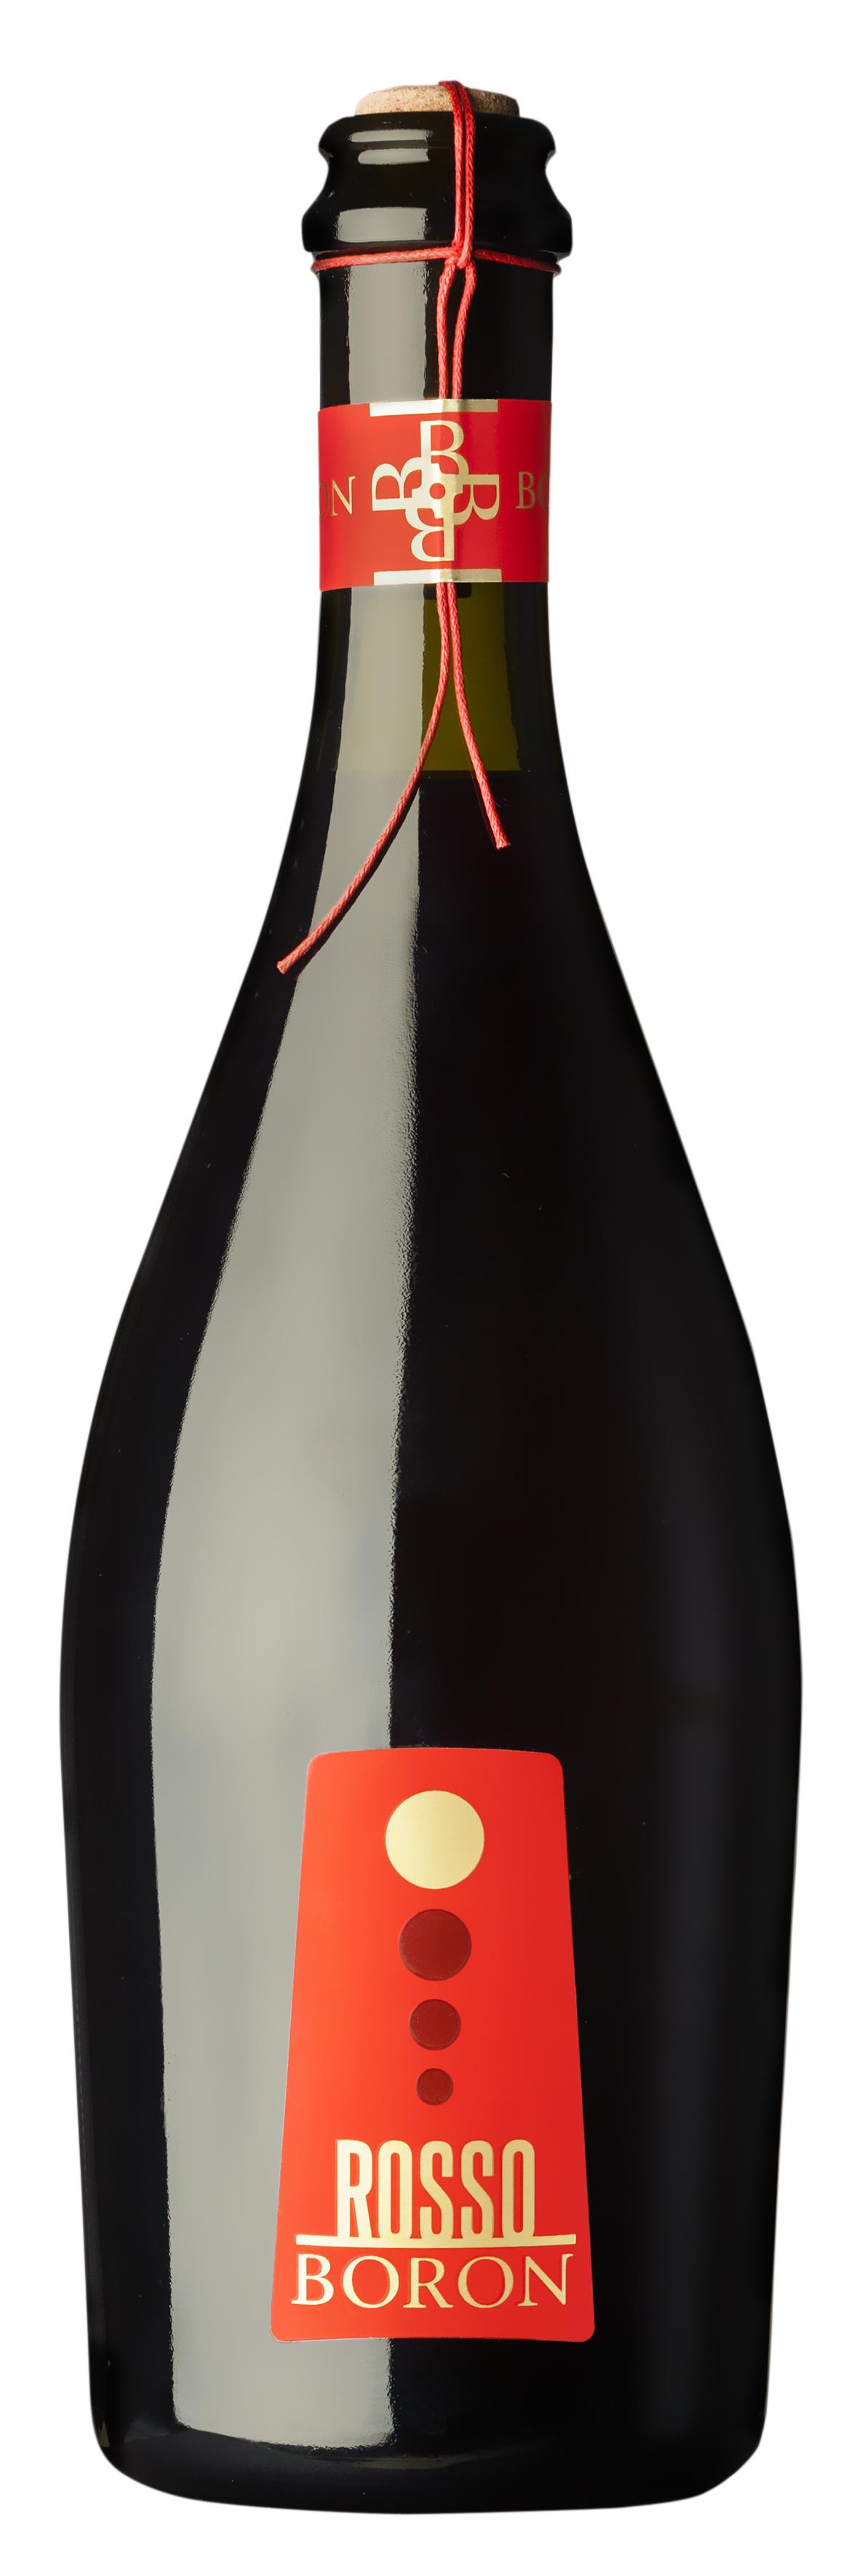 Rosso Boron Vino Rosso Frizzante Confezione Spago Famiglia Boron Just Wine Wine Bottle Wine